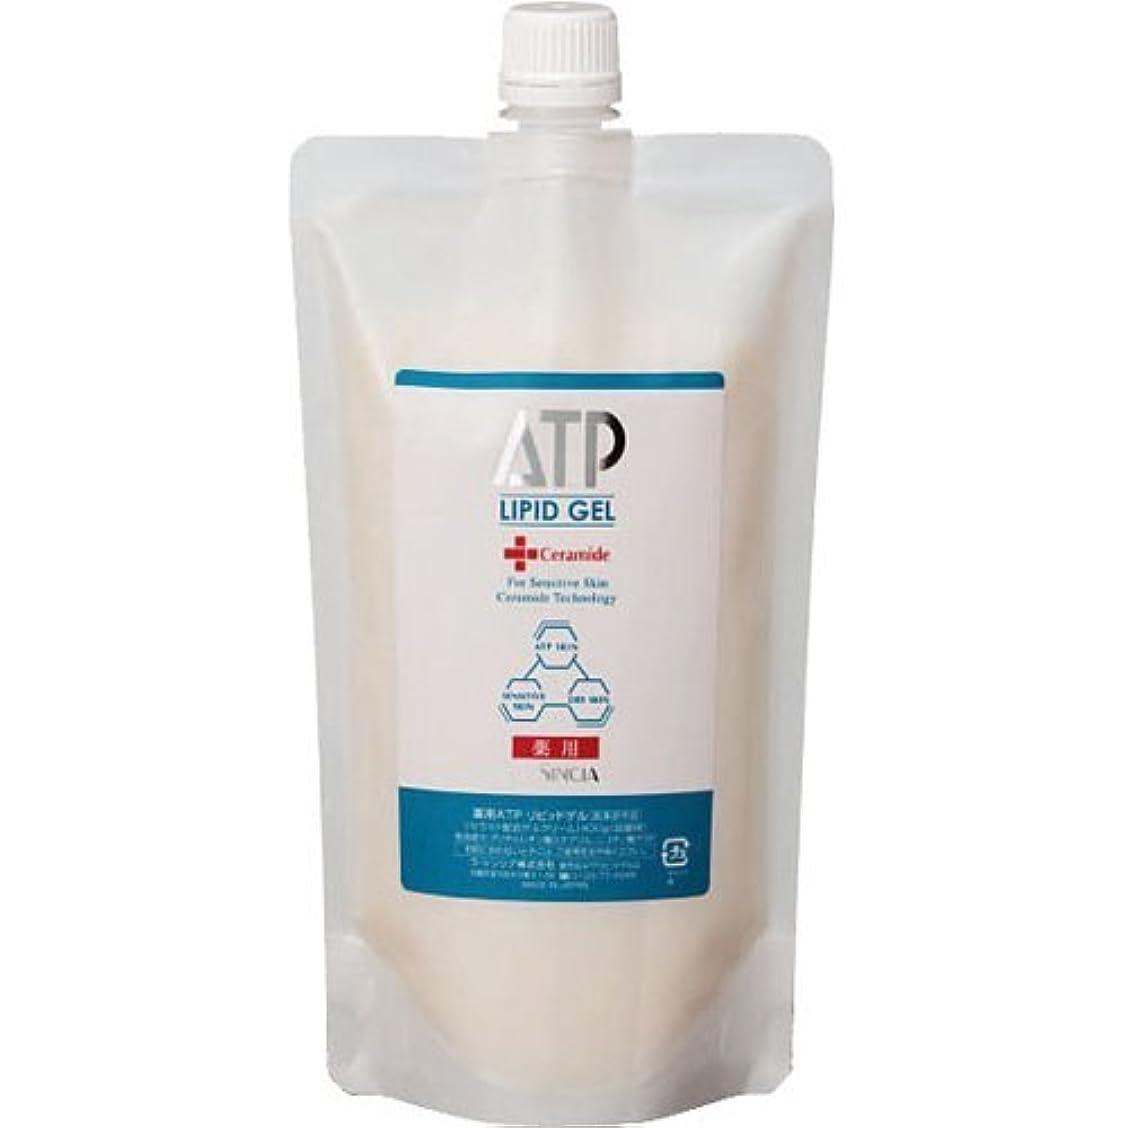 つぶす東部いうラシンシア 薬用ATPリピッドゲル 400g(詰替用) 【セラミド配合ゲルクリーム】